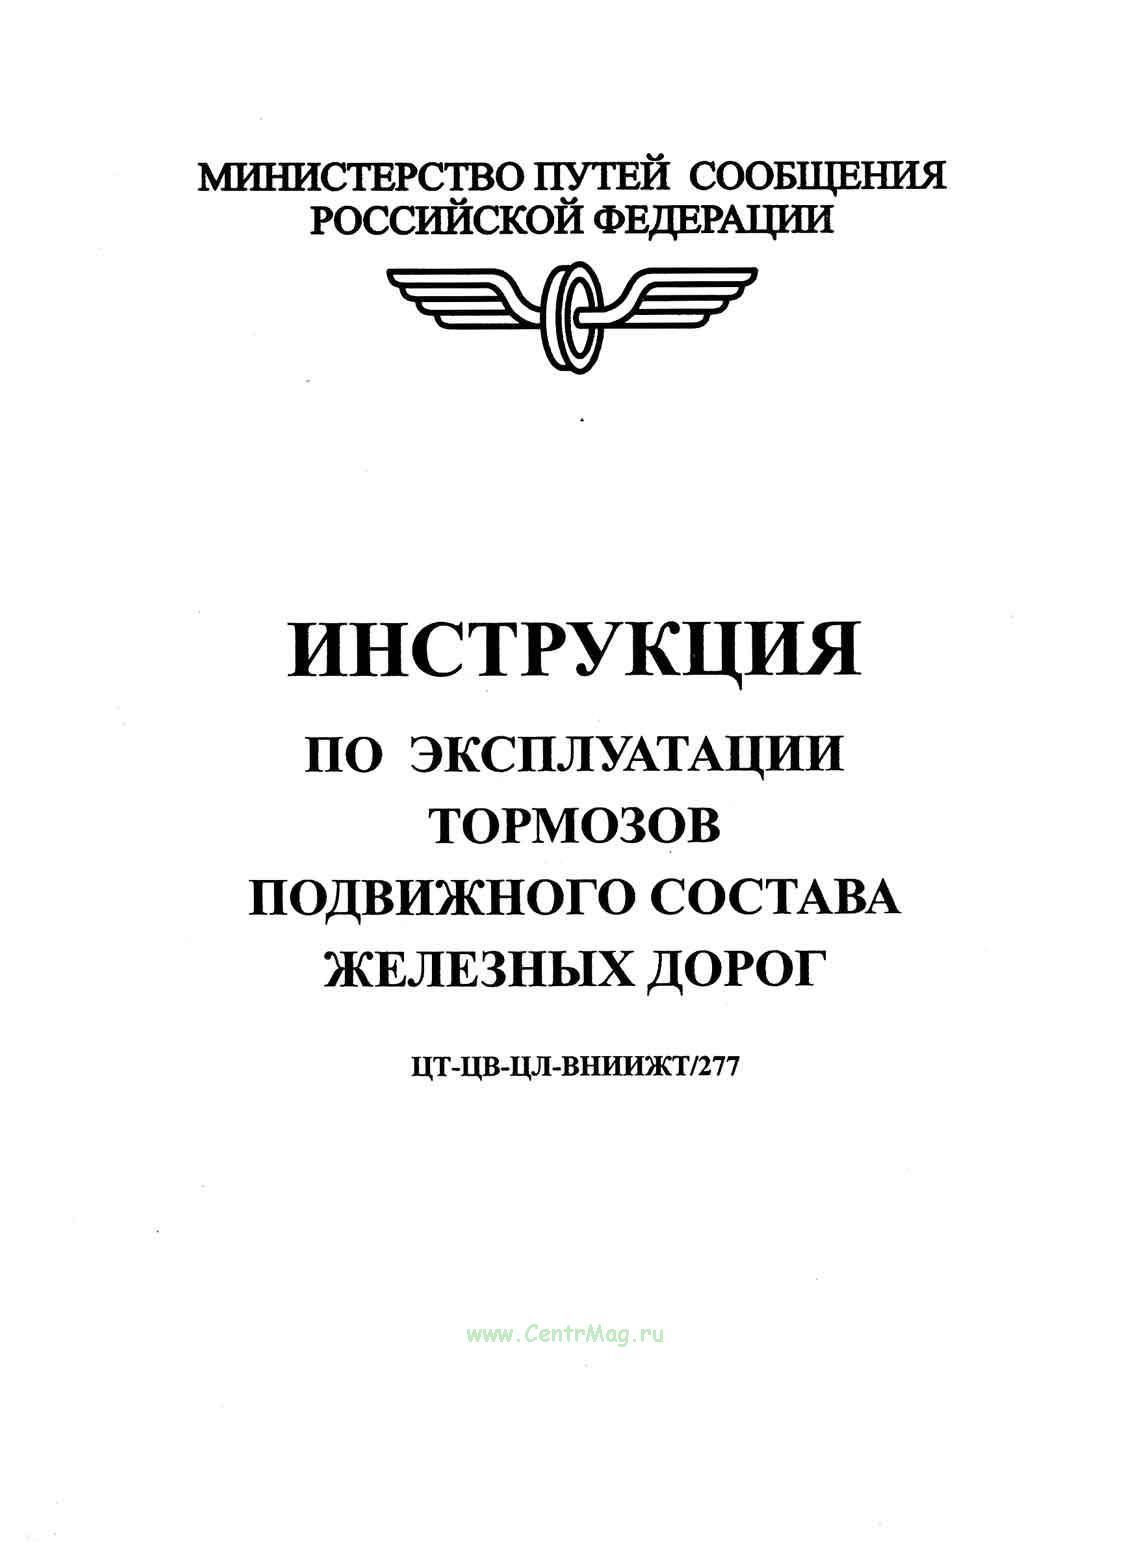 Инструкцией по эксплуатации тормозов подвижного состава железных дорог цт цв цл вниижт 277